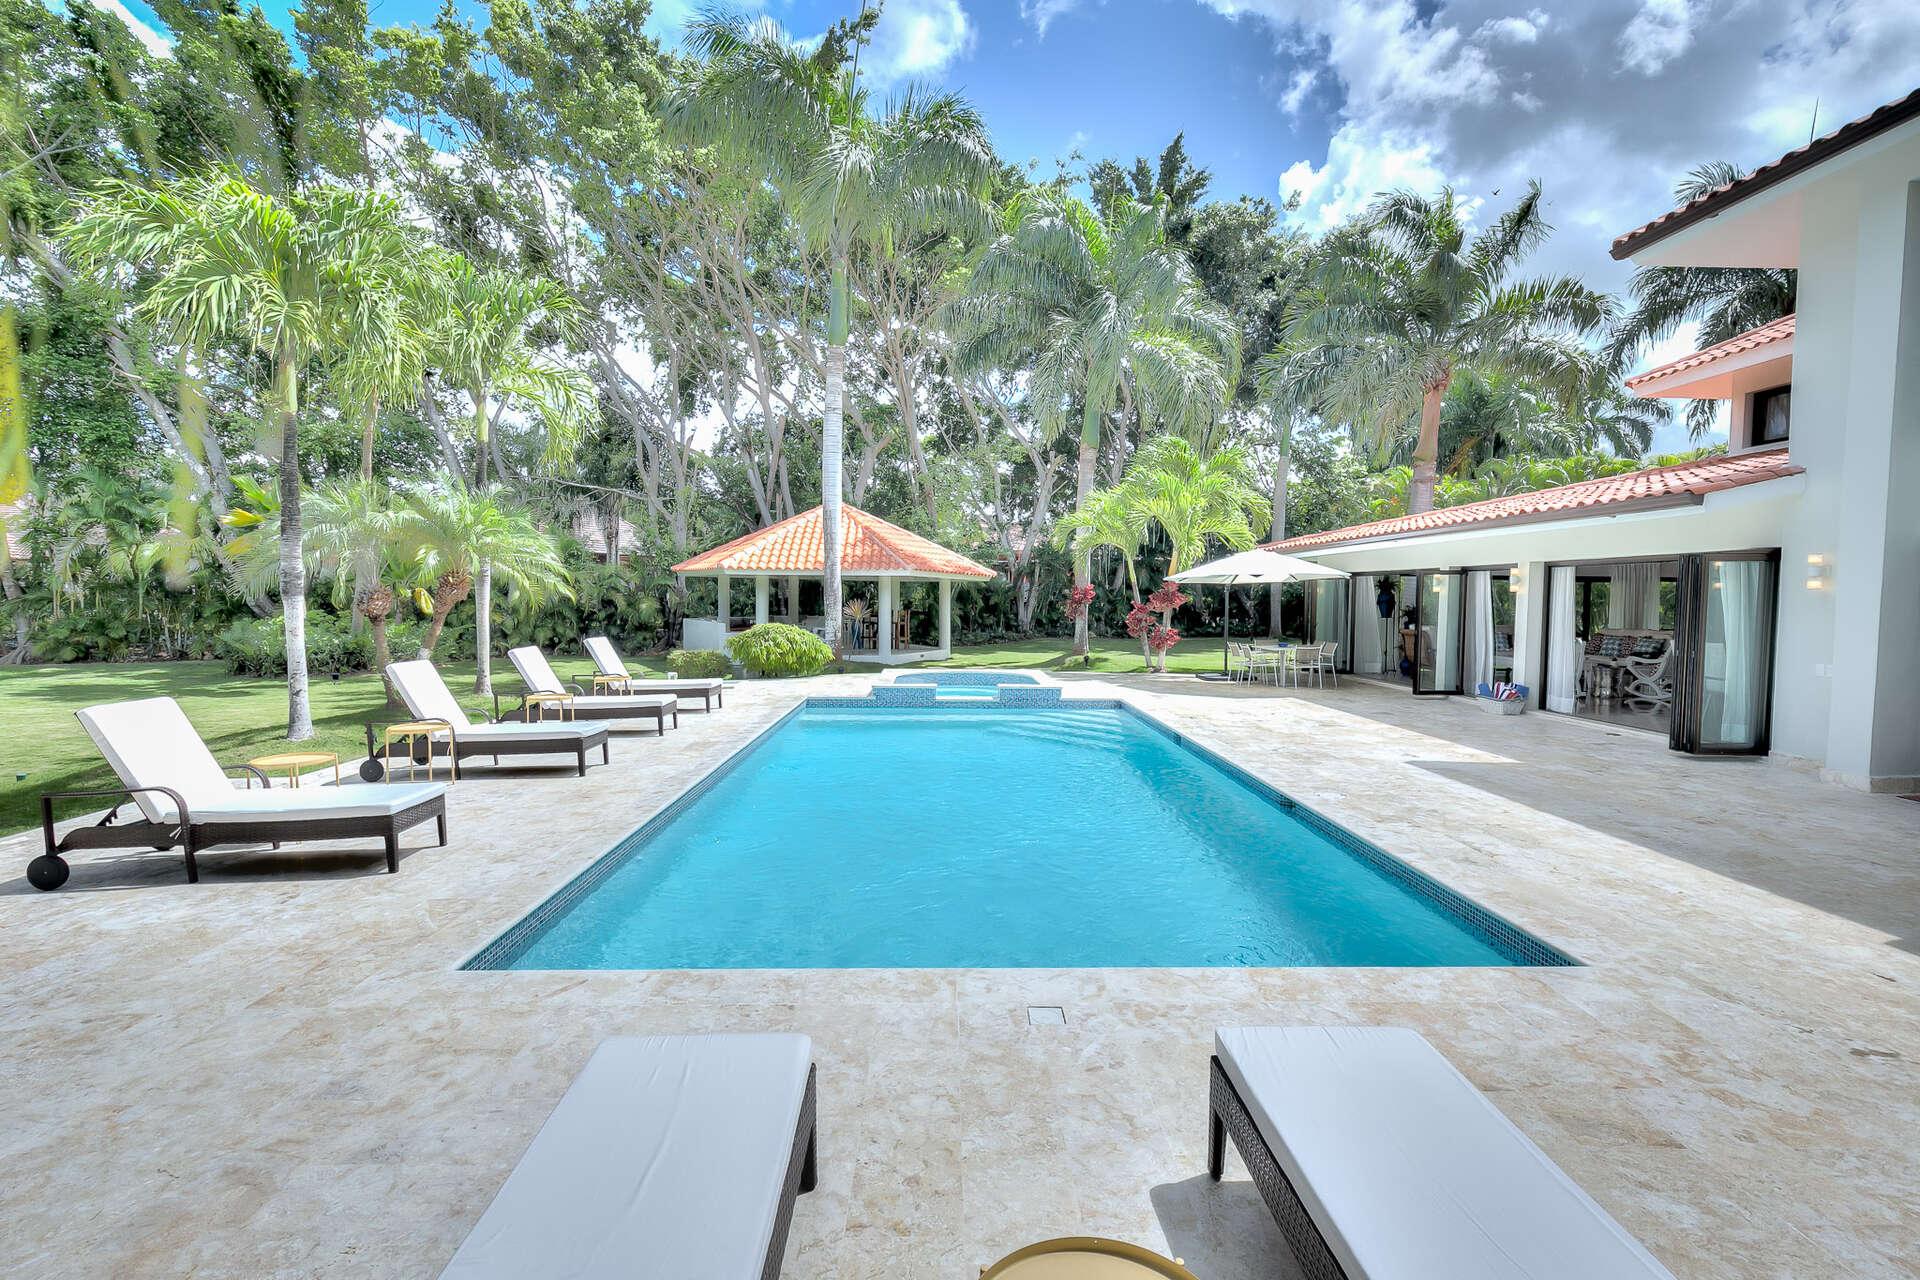 Luxury villa rentals caribbean - Dominican republic - Casa decampo - Limones 39 - Image 1/24